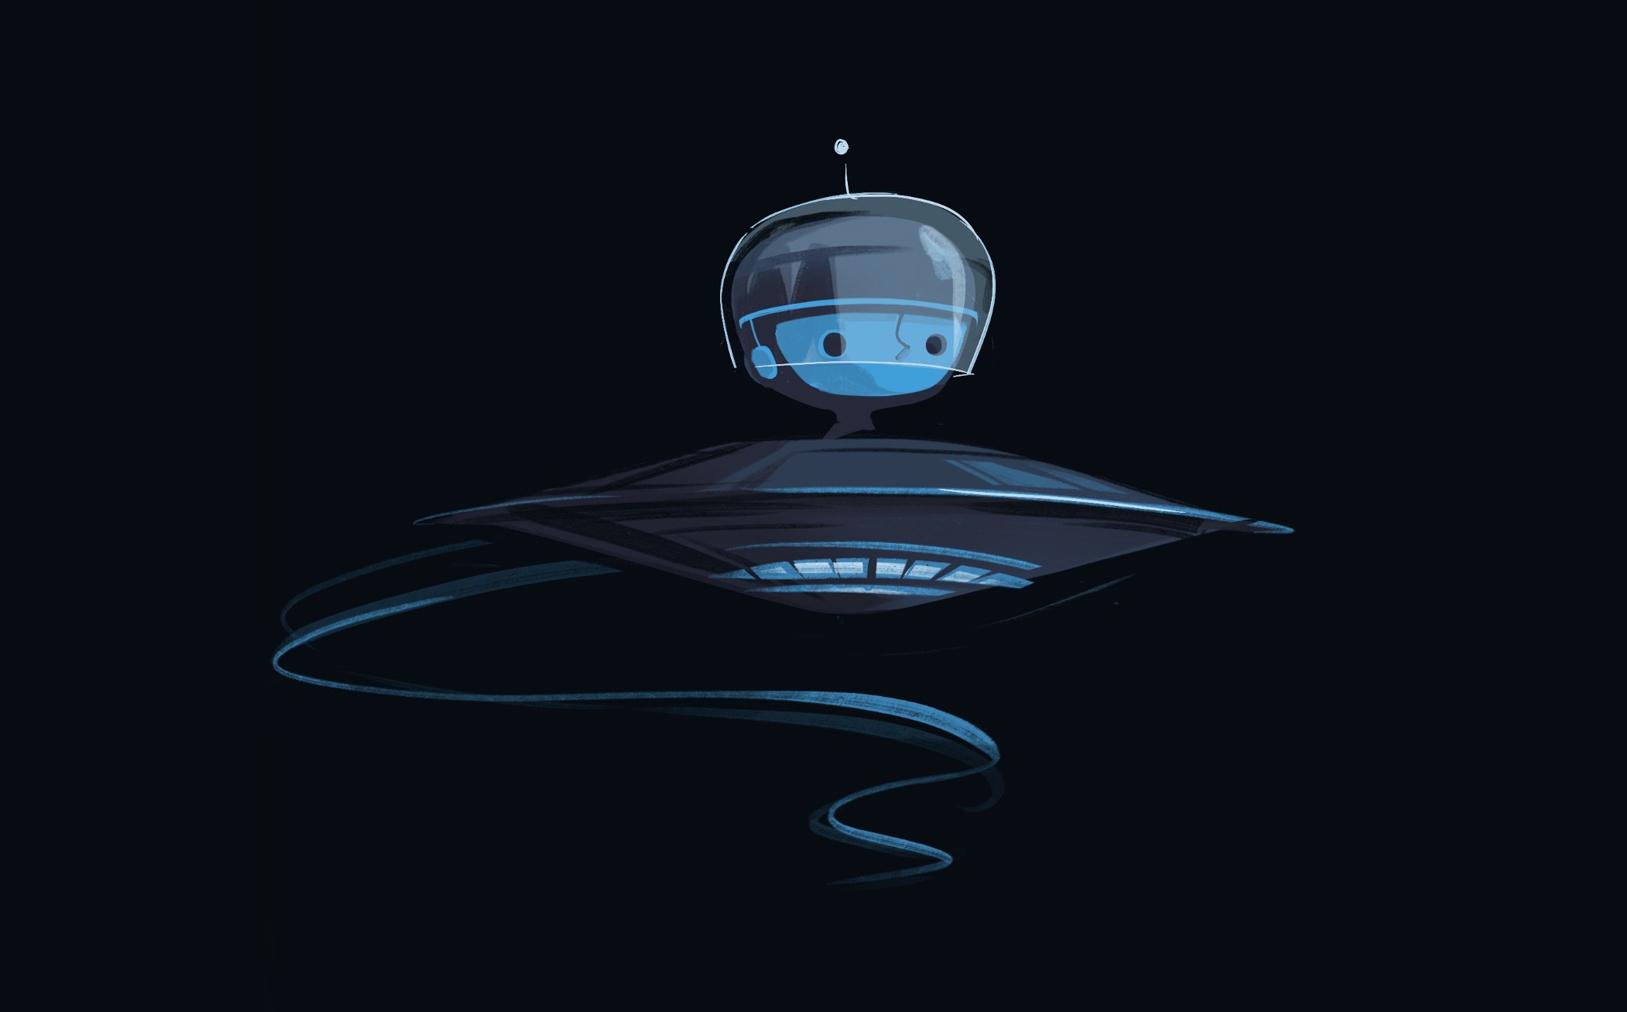 Alien_Space.jpg